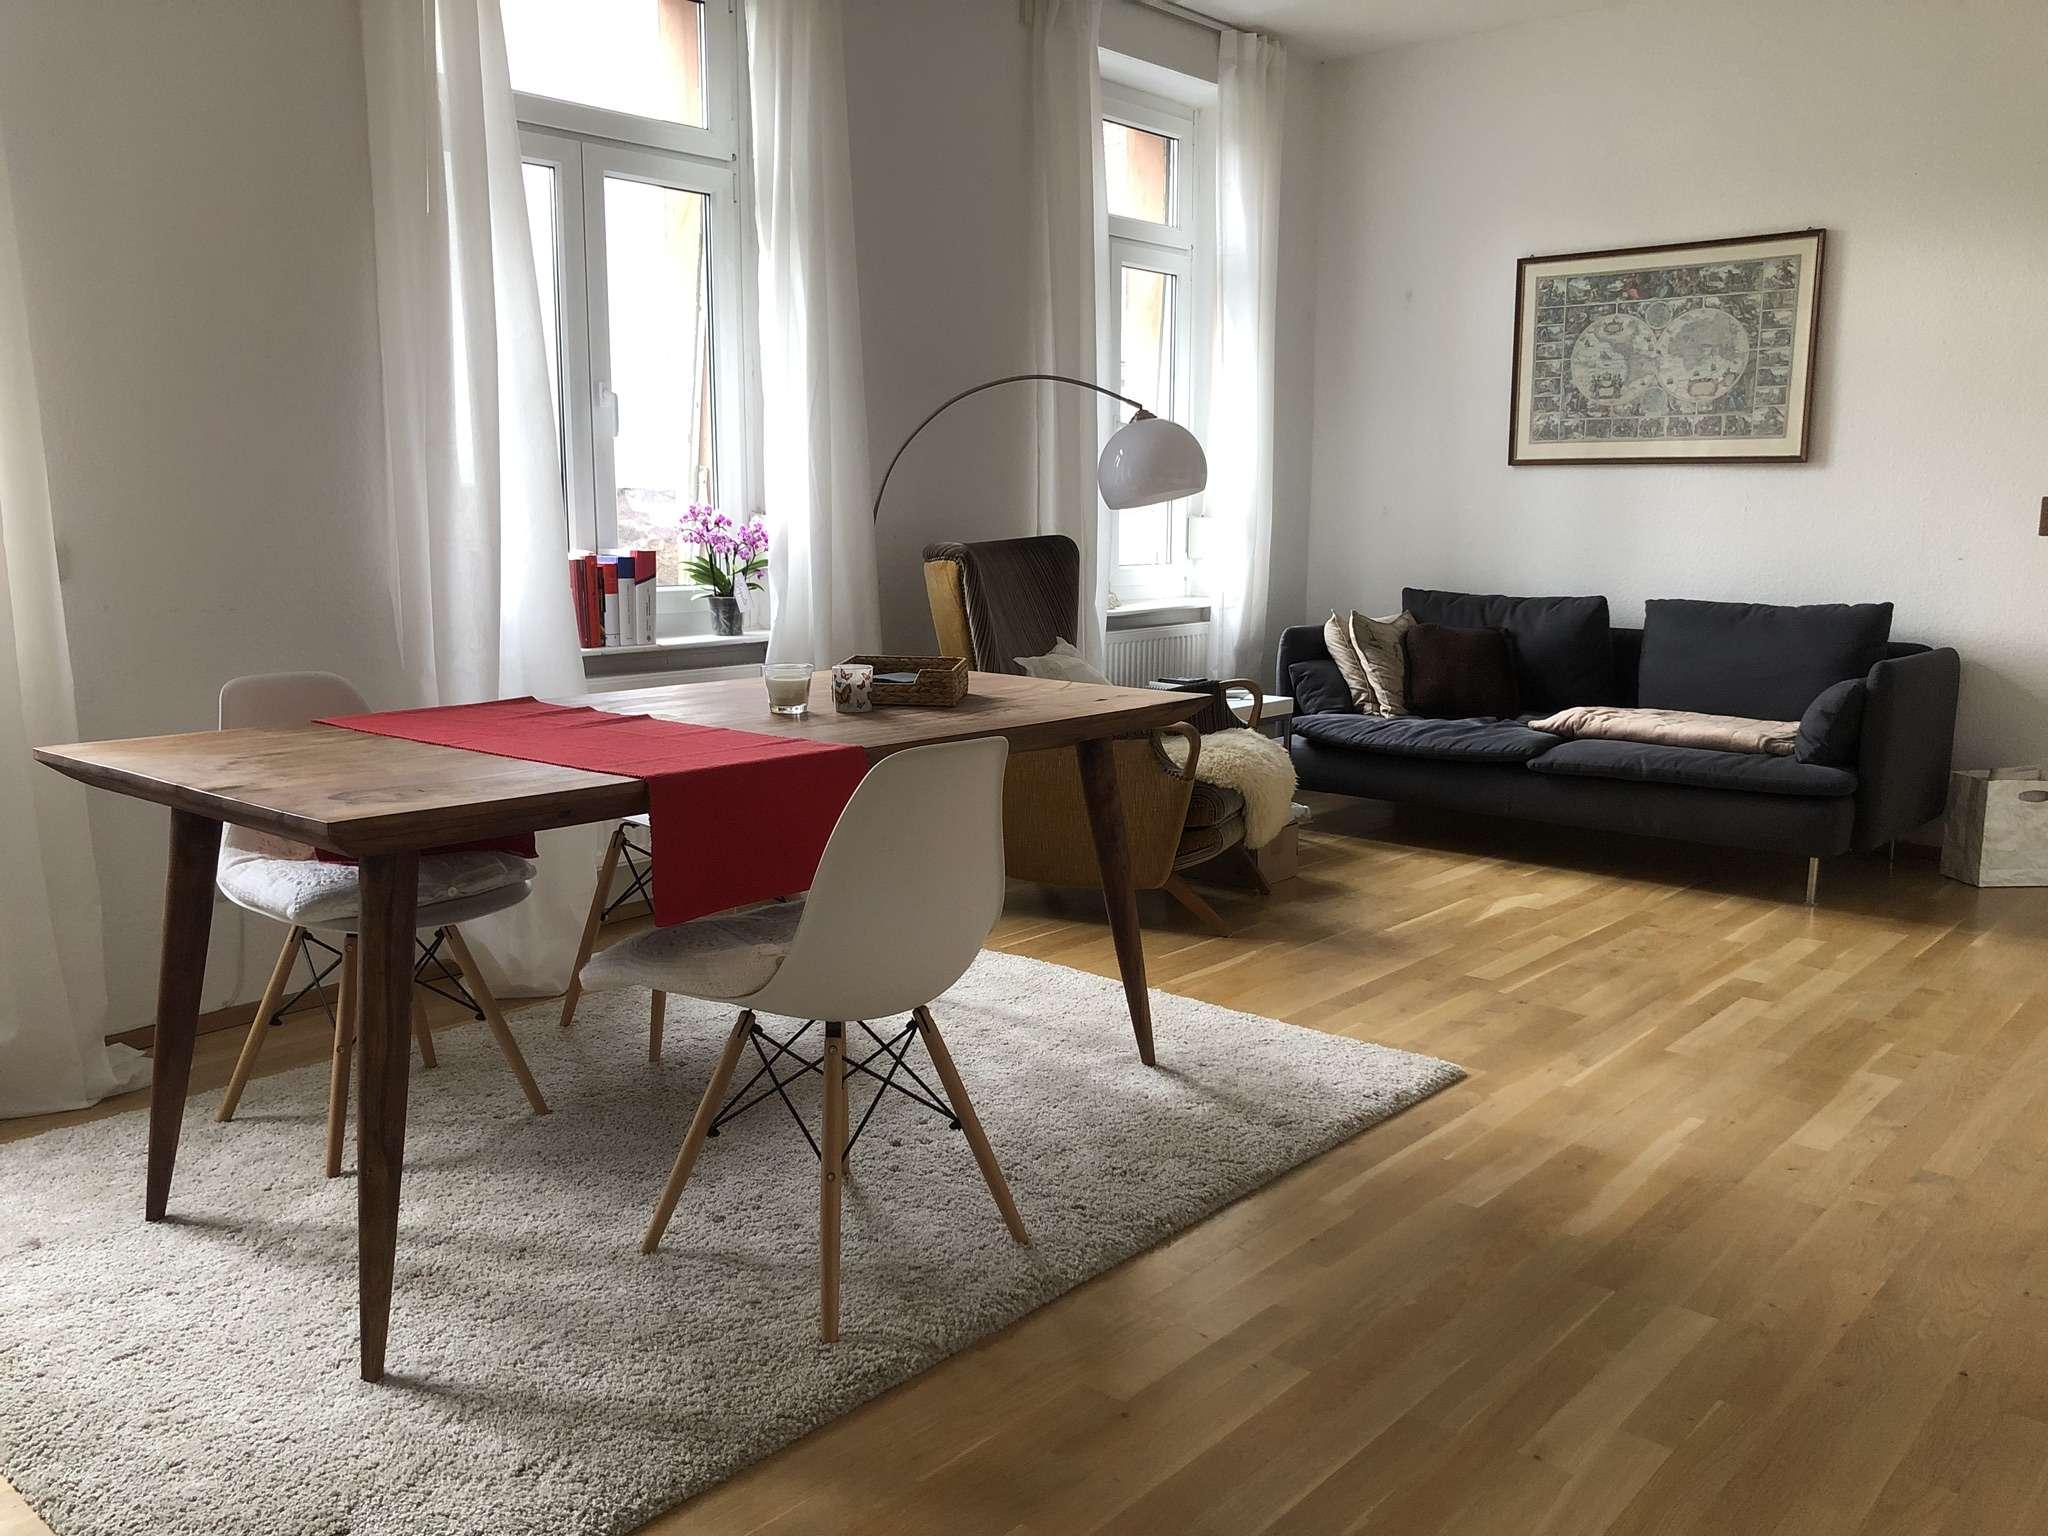 Gemütliche 2-Zimmer-Wohnug in ruhiger Innenstadtlage zu mieten in Stadtmitte (Aschaffenburg)